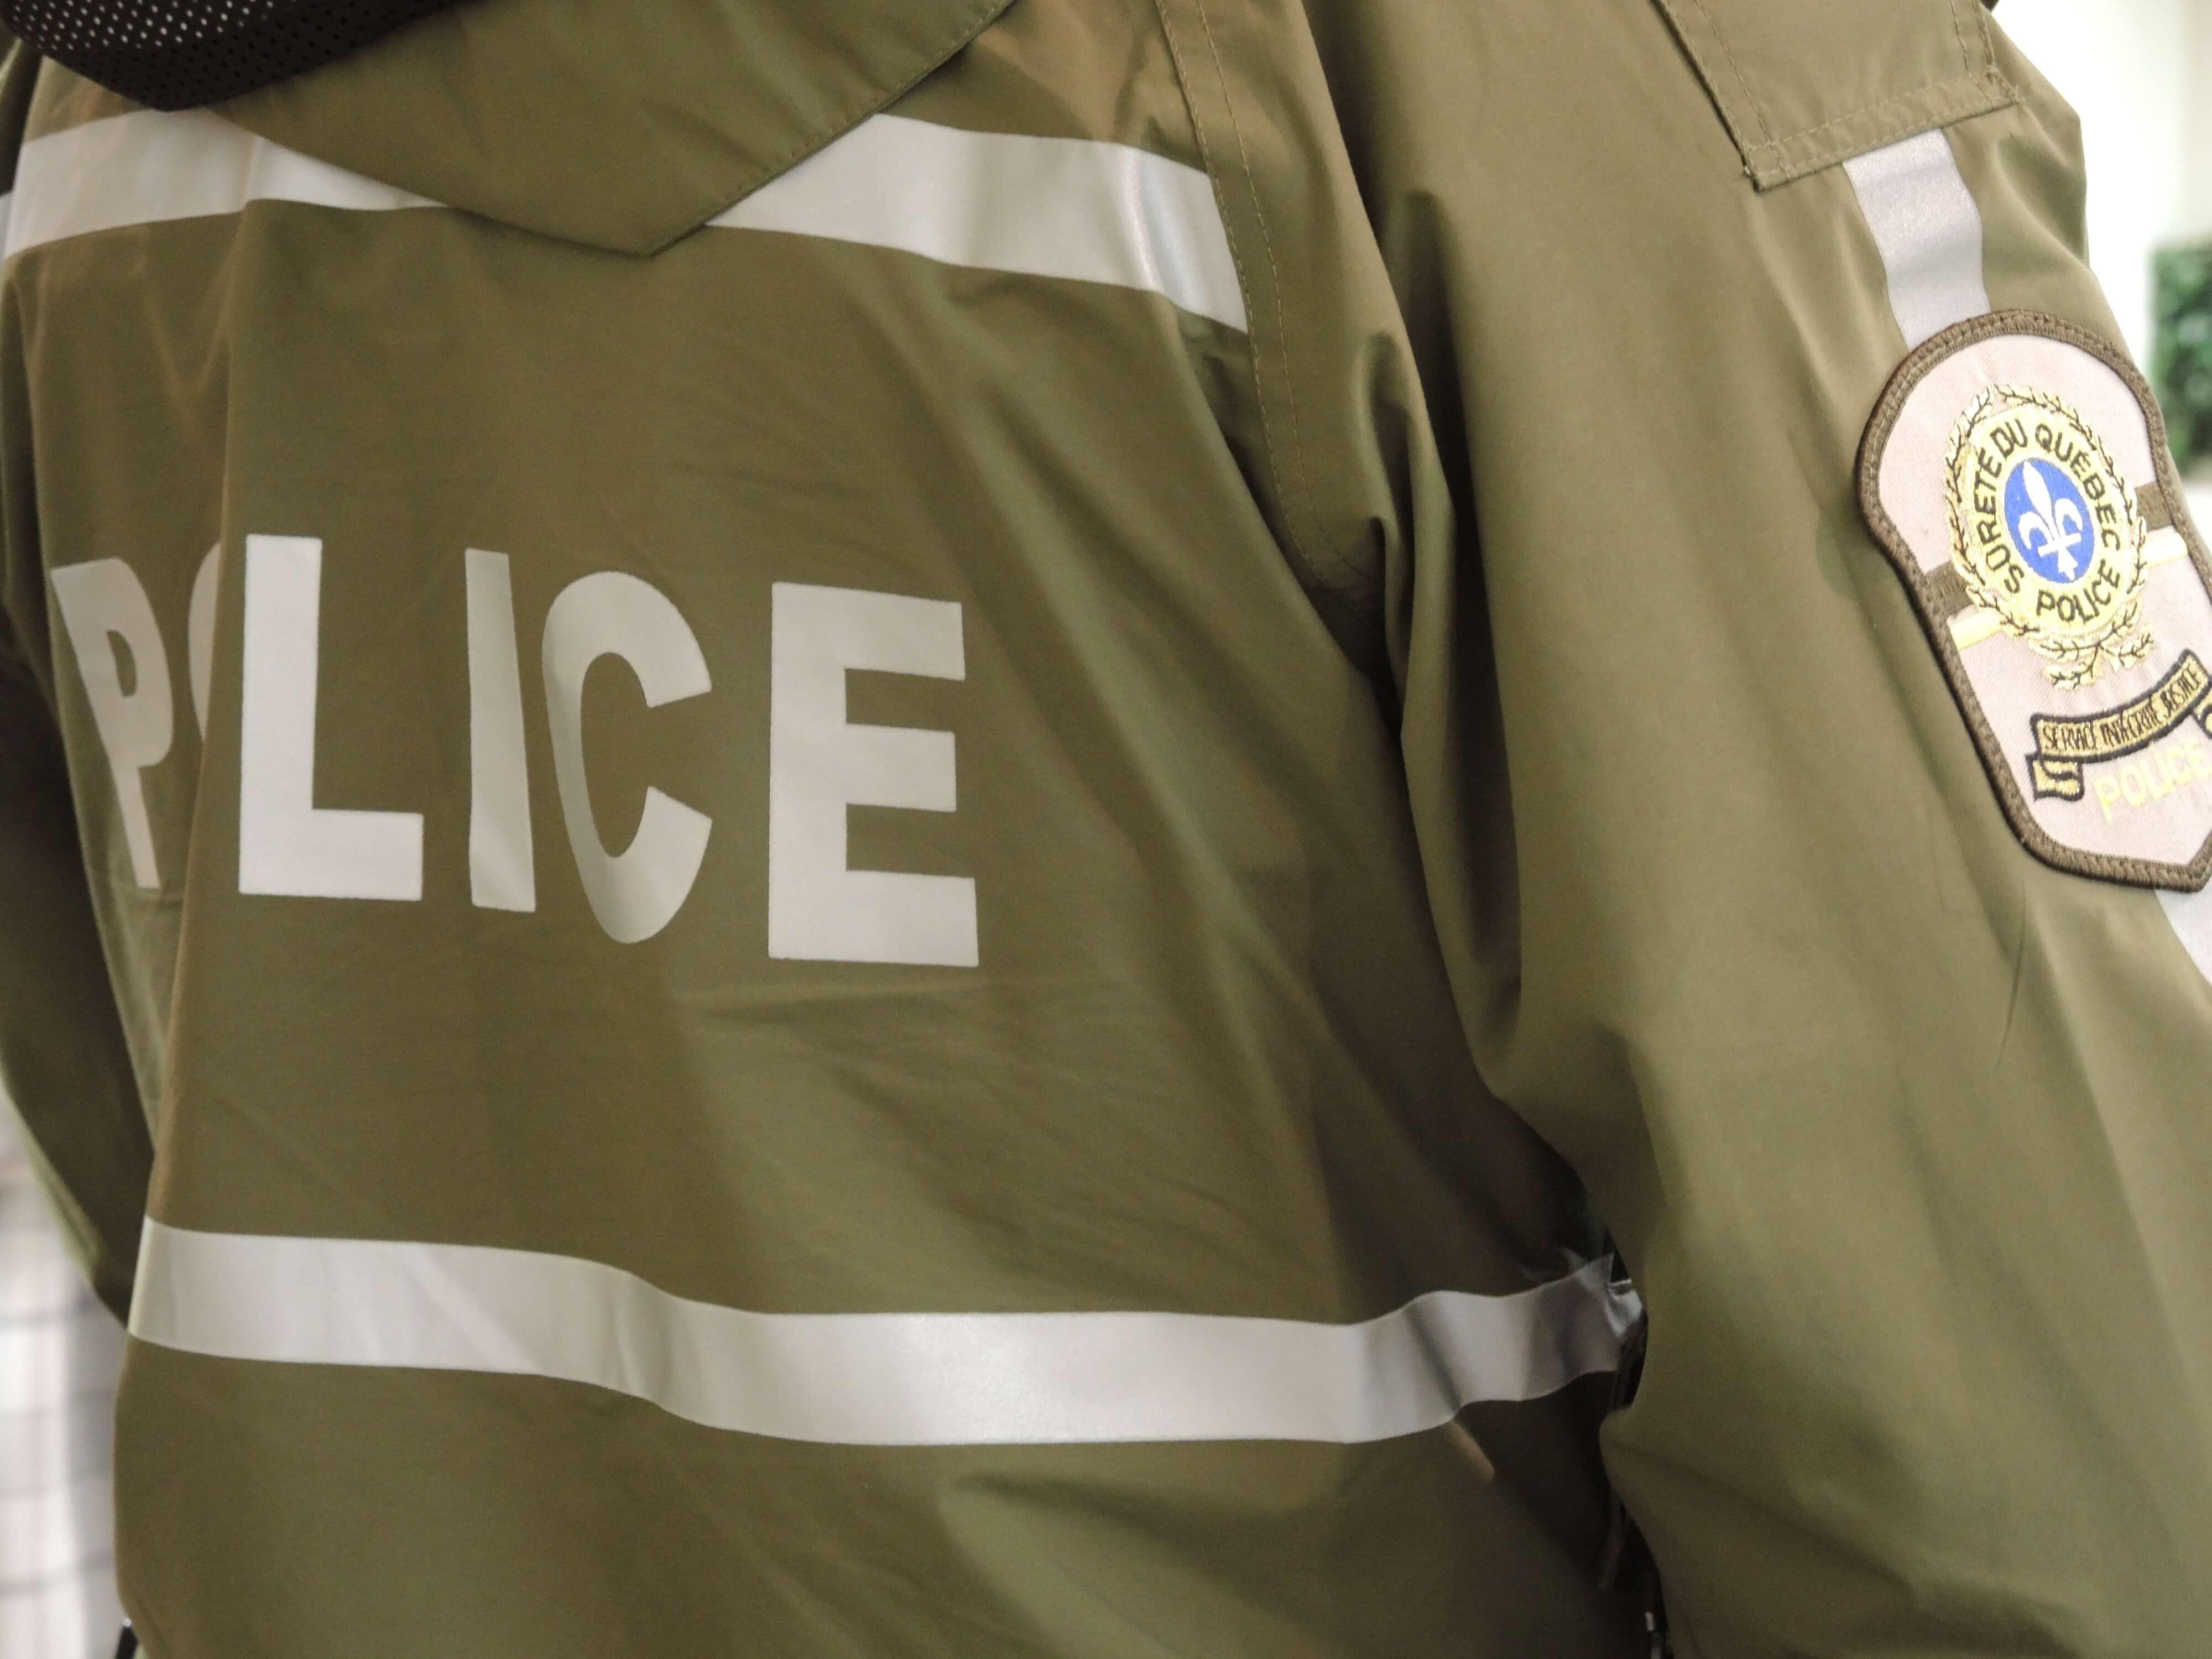 Police Sûreté du Québec manteau